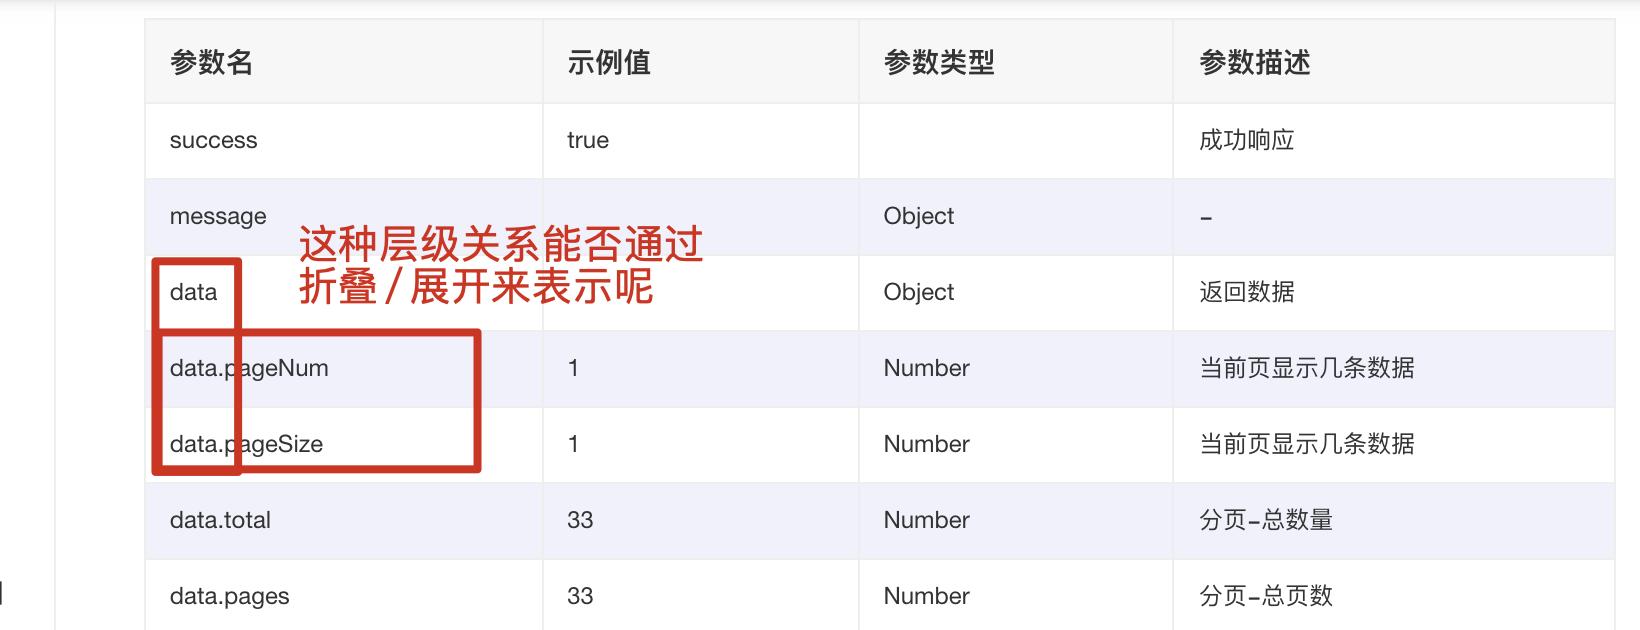 响应参数生成的文档能否提供折叠功能